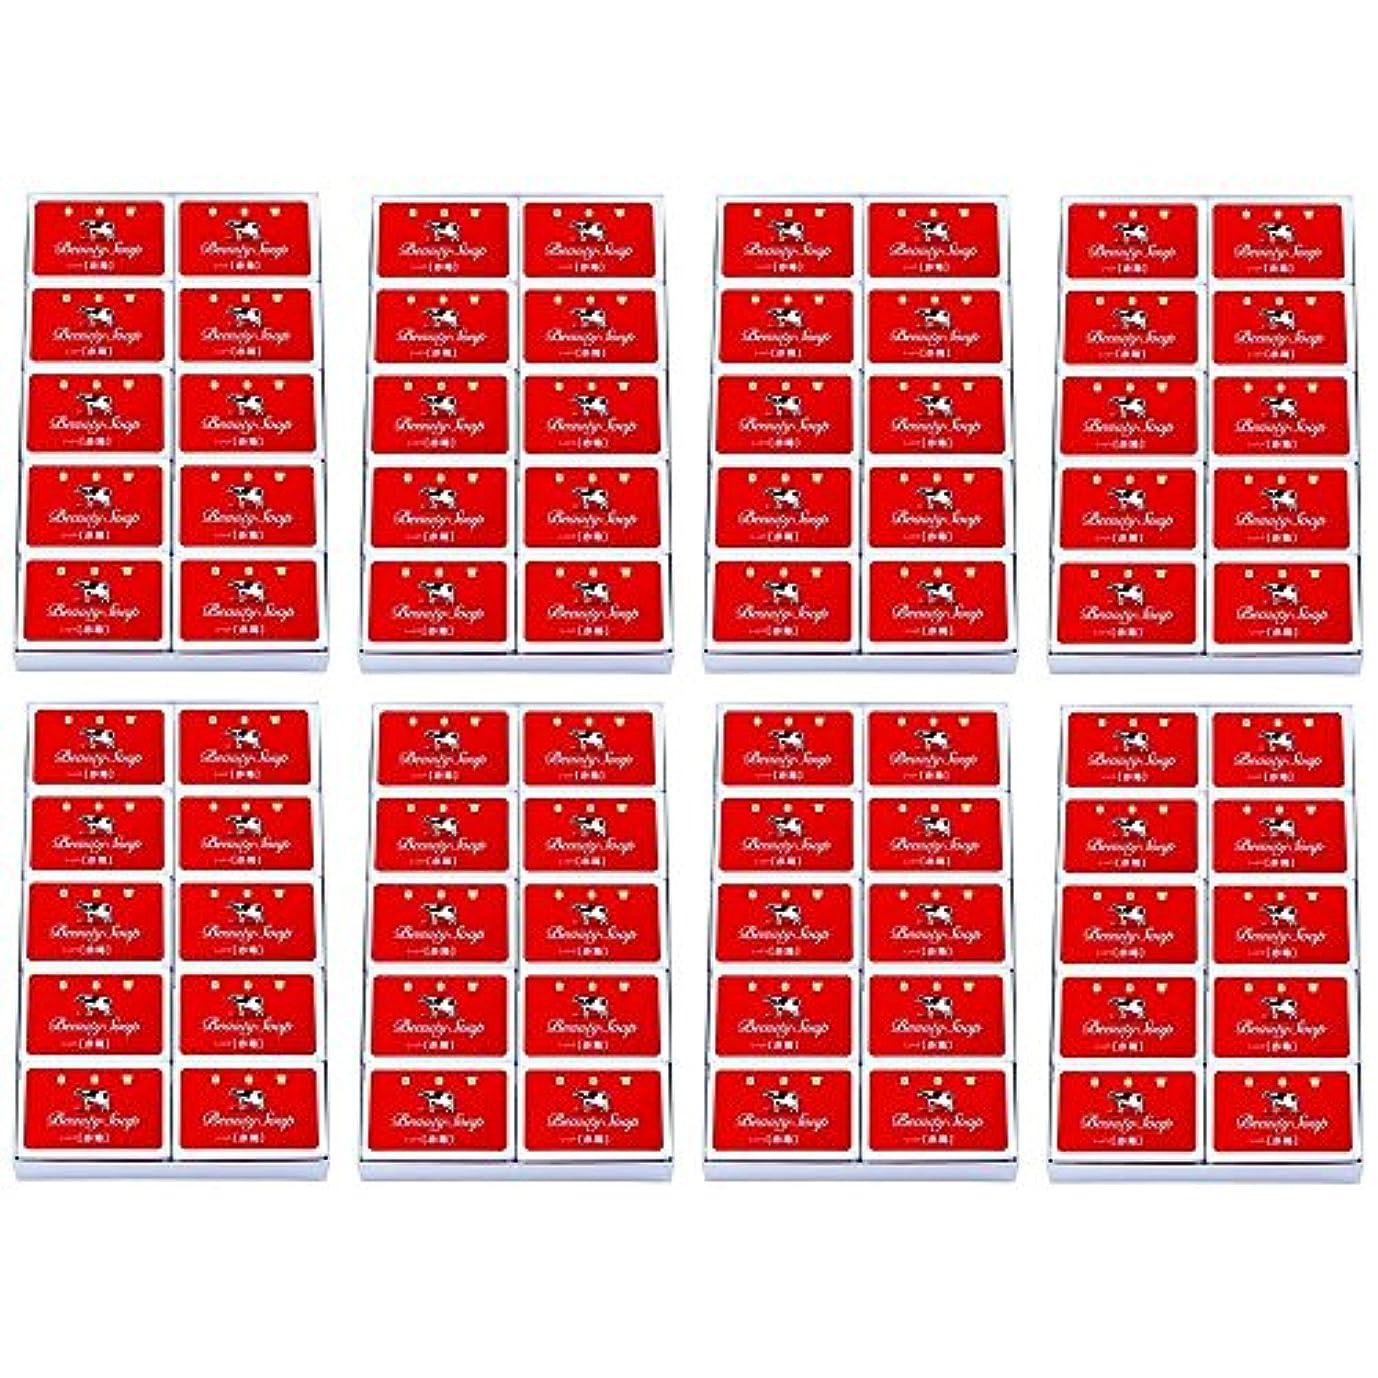 テーブル生命体経度【セット品】カウブランド 赤箱10入 10コ入 ×8セット